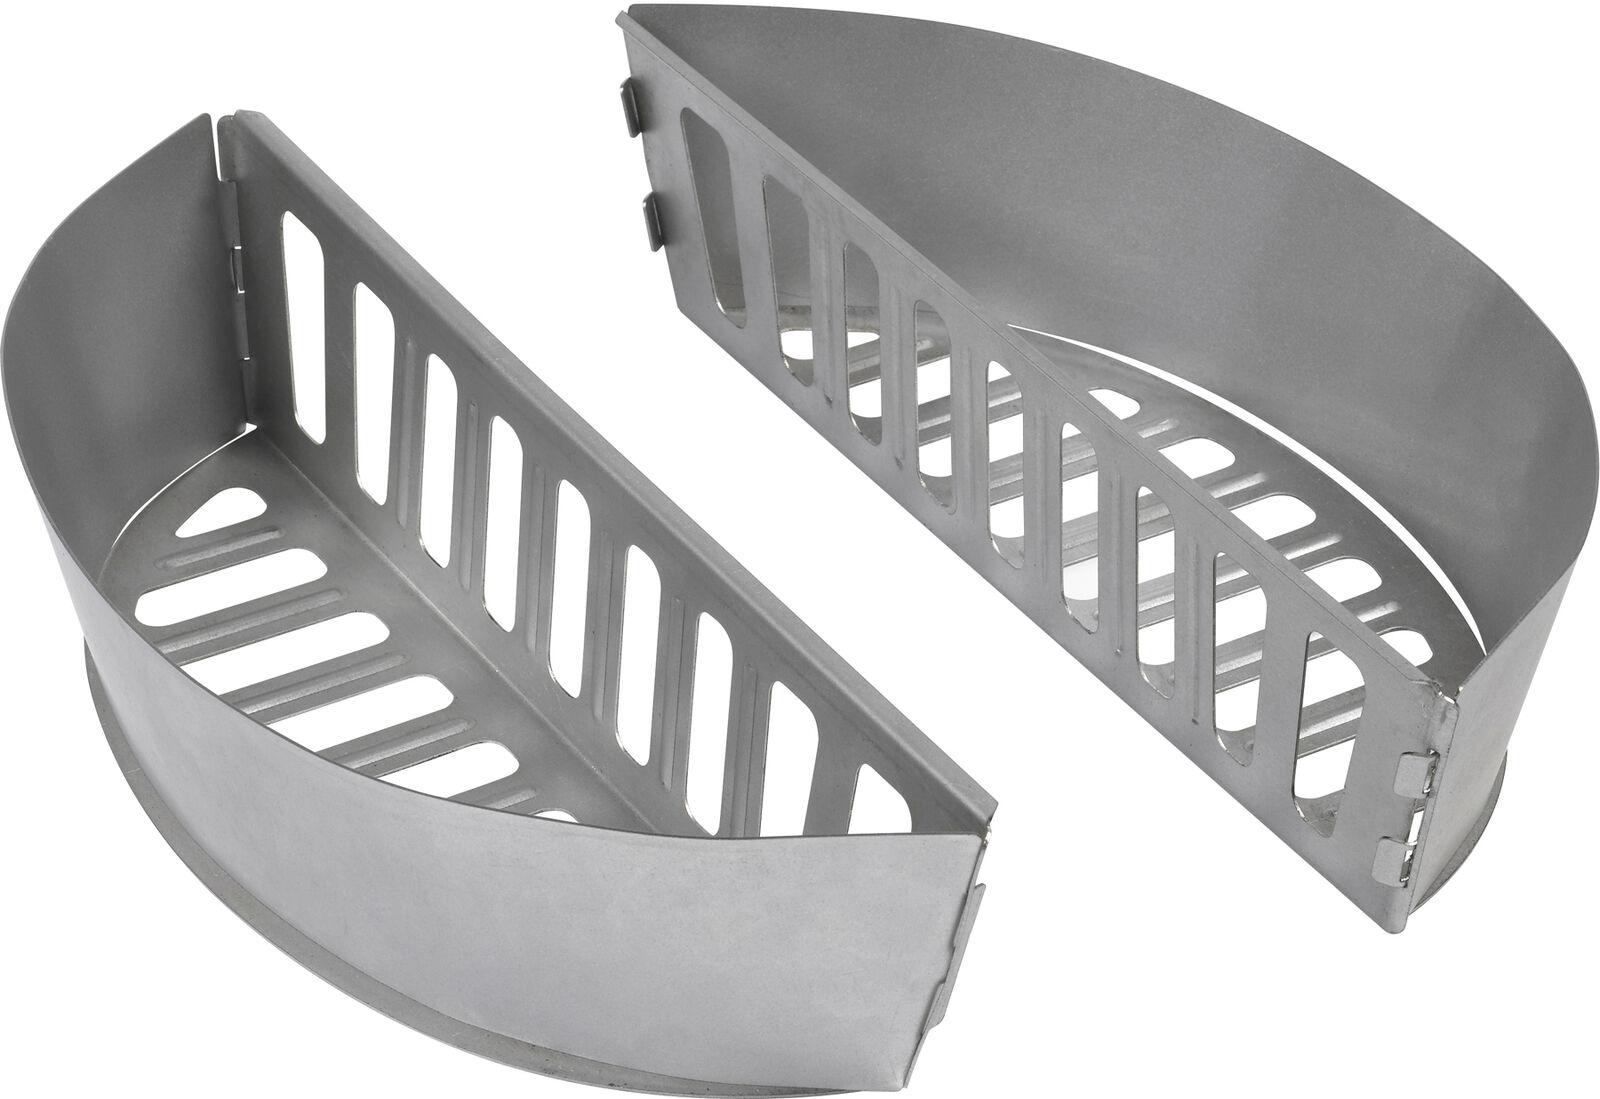 Outdoor Küche Dancook : Dancook boxgrill grillrost cm passt zu dancook